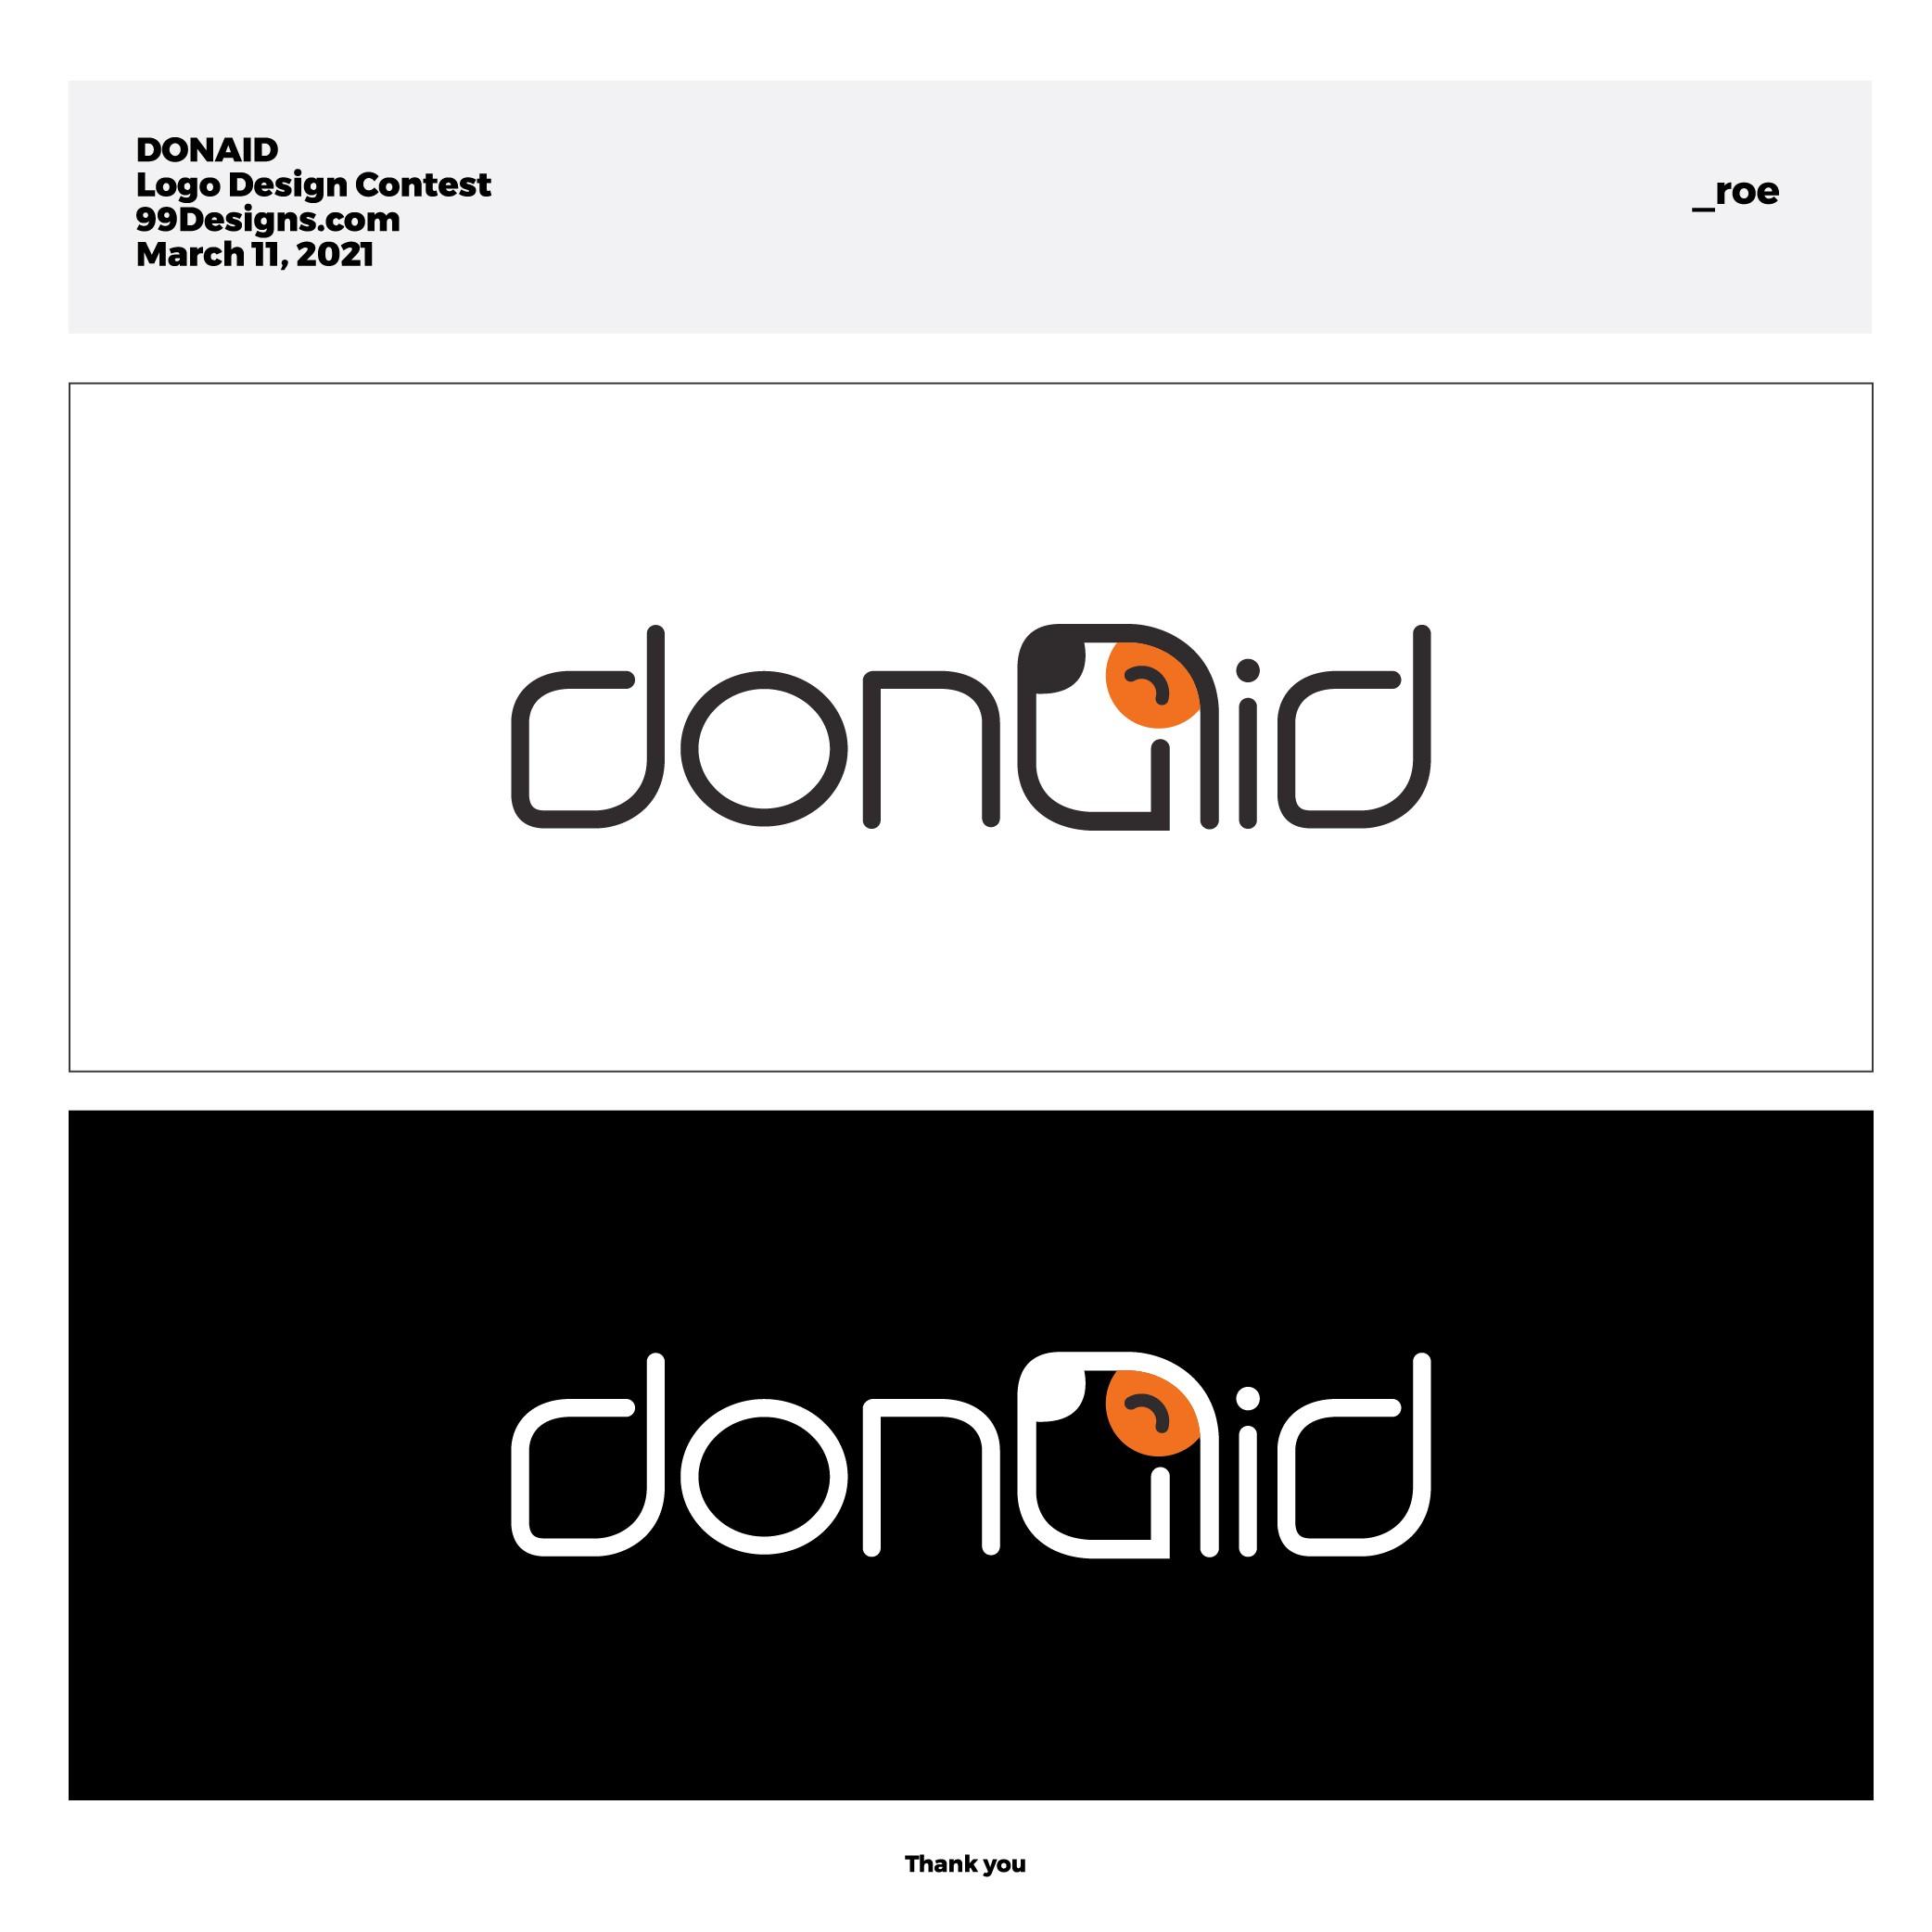 Ich brauche ein Logo für eine Spenden App - Kunstwerke spenden für einen guten Zweck